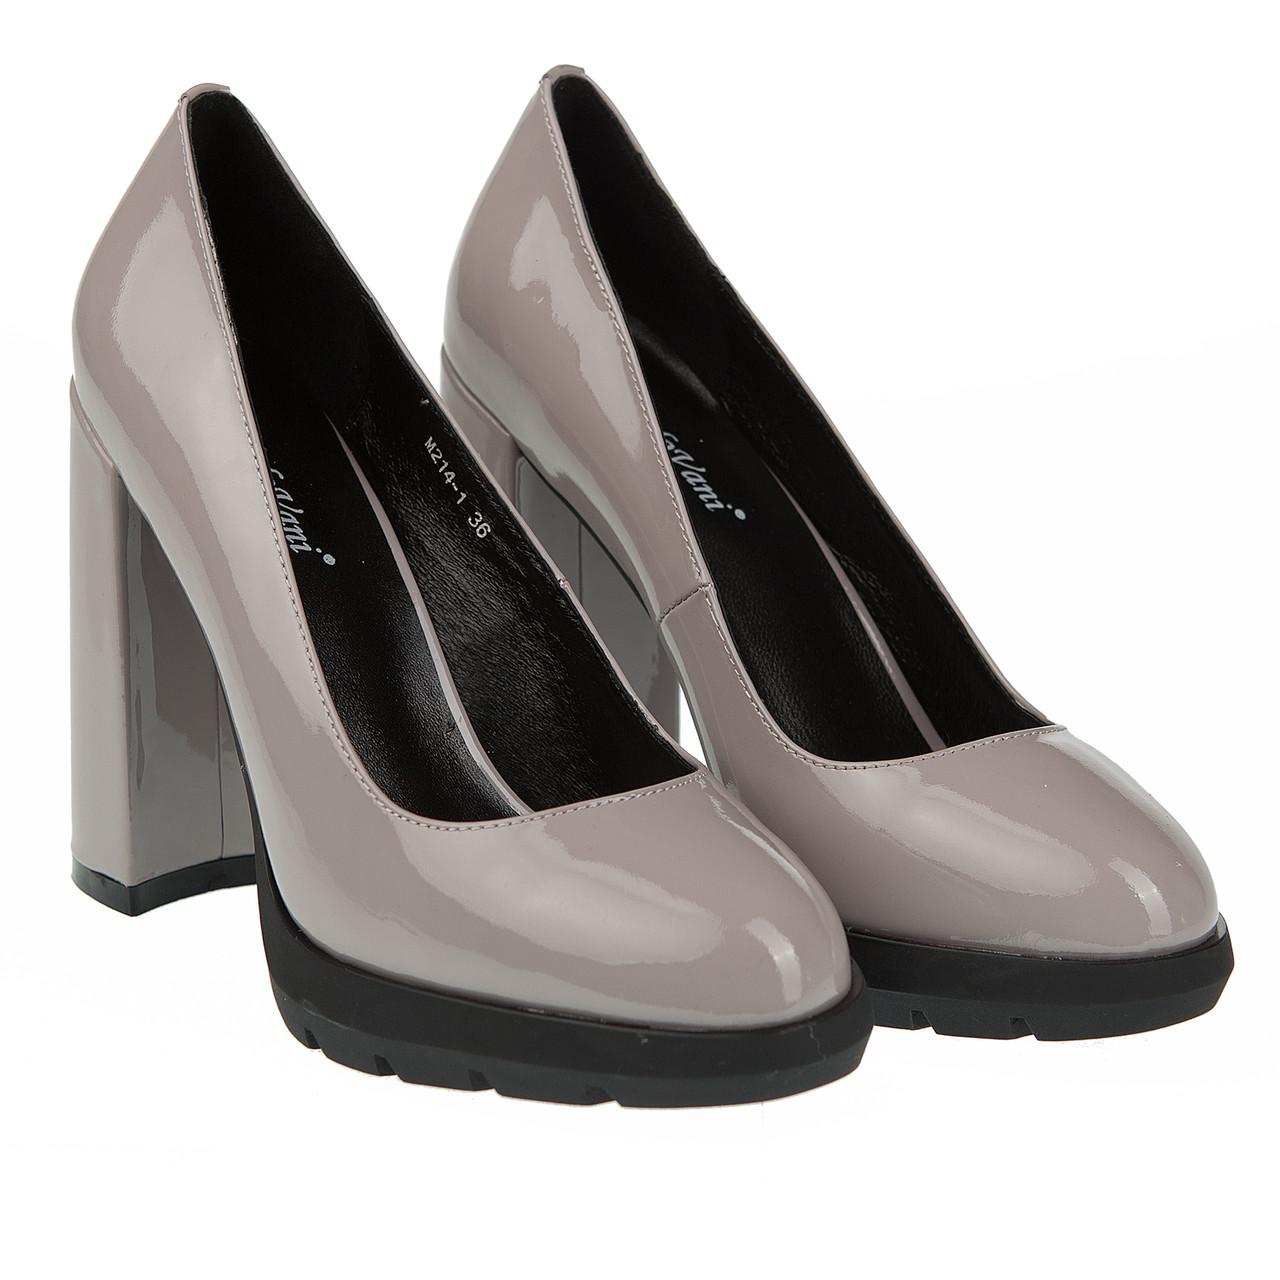 6a42725cdd7f Стильные женские туфли Angelo Vani (весенние, летние, осенние, на високом  каблуке, на ...